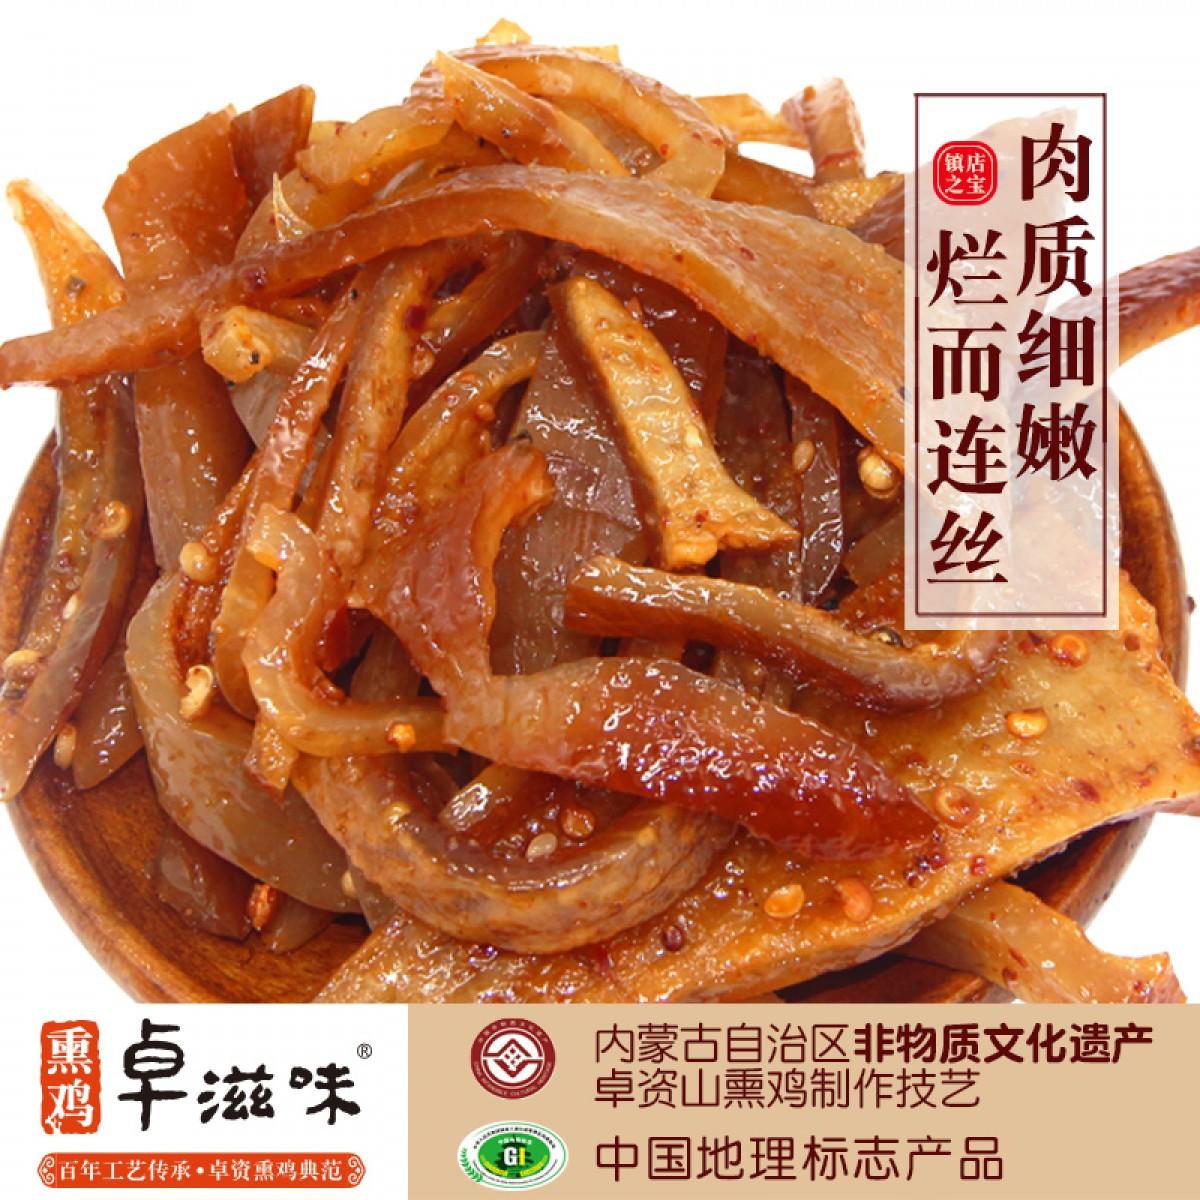 内蒙古卓滋味熏猪皮约250g